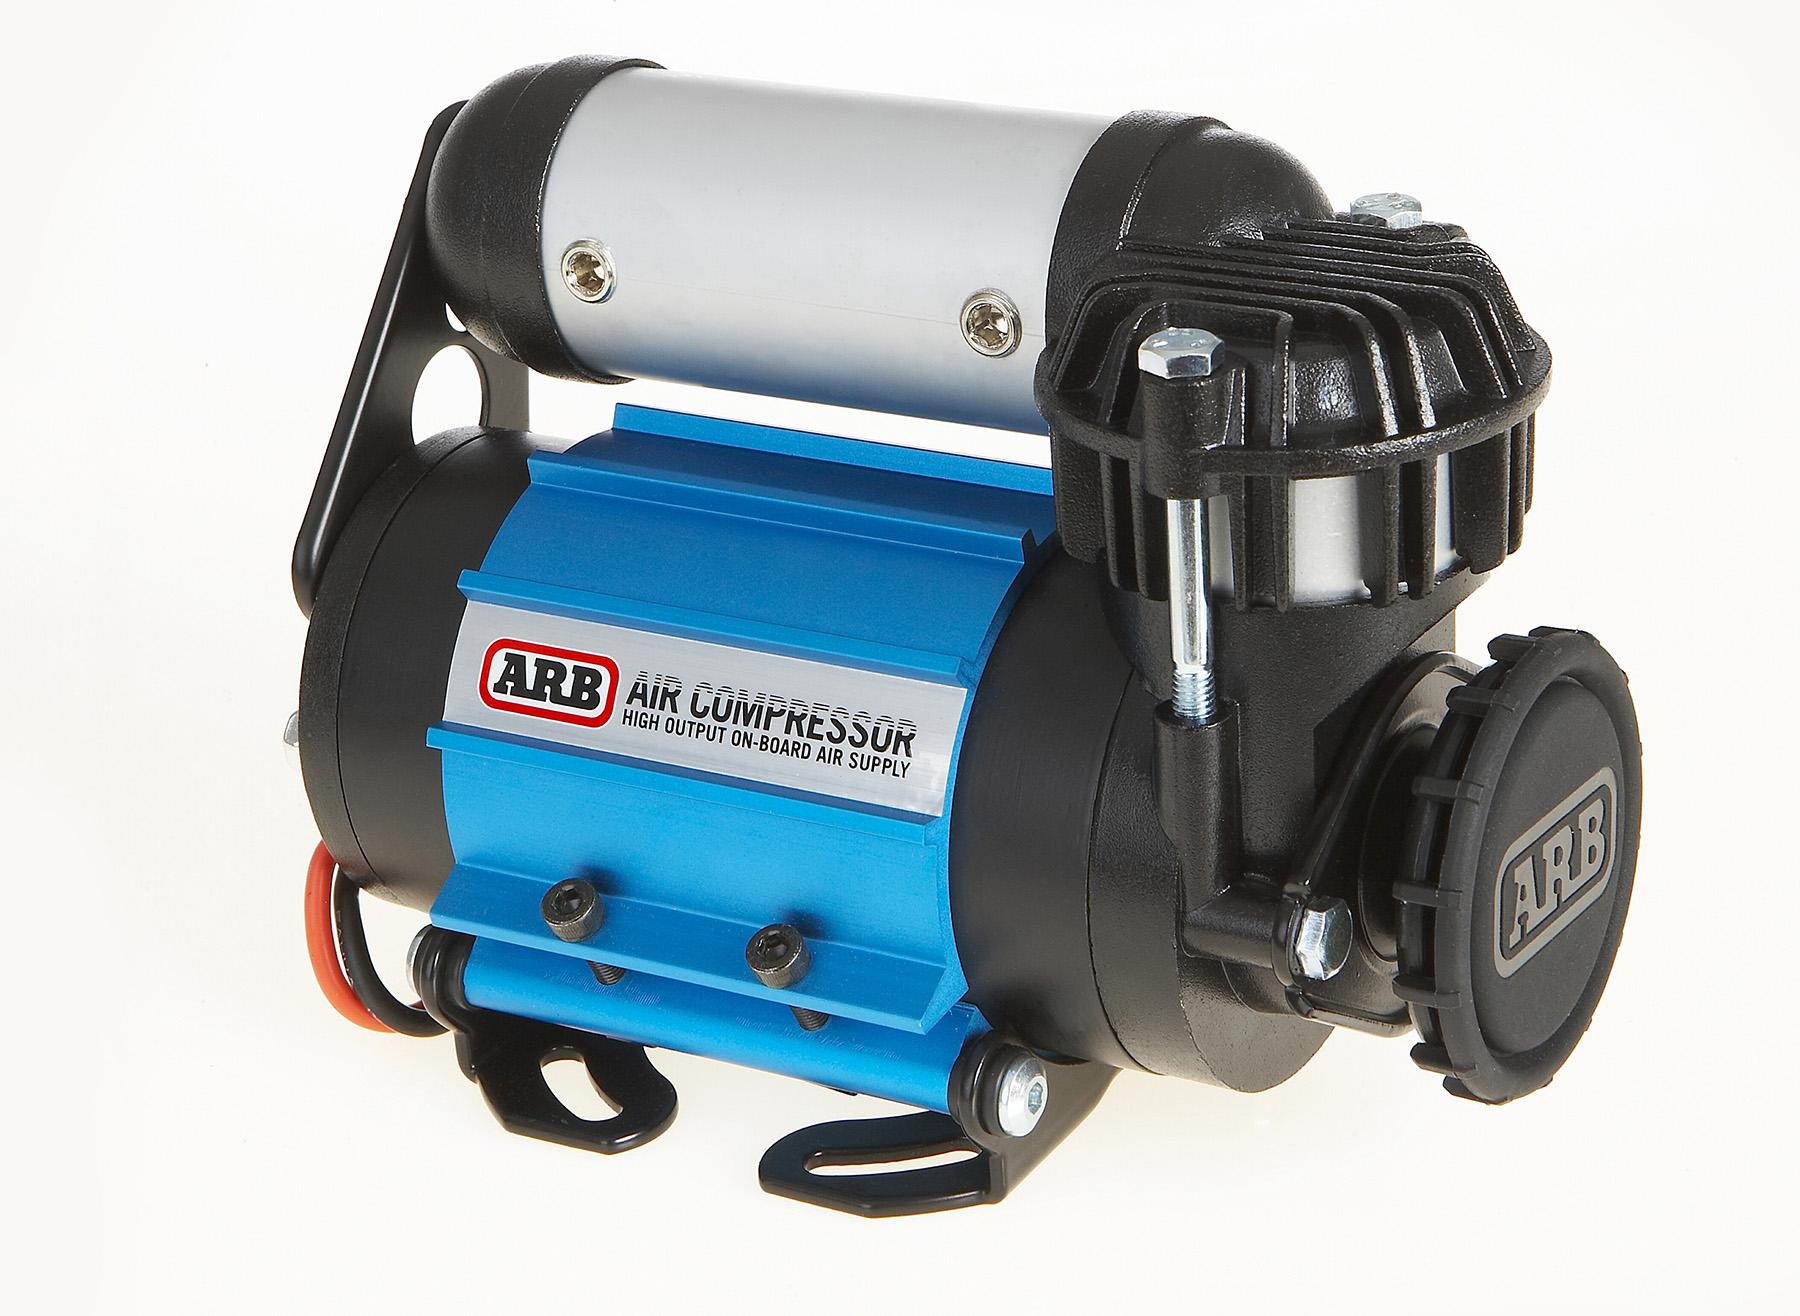 ARB-Kompressor 12-Volt, CKMA12